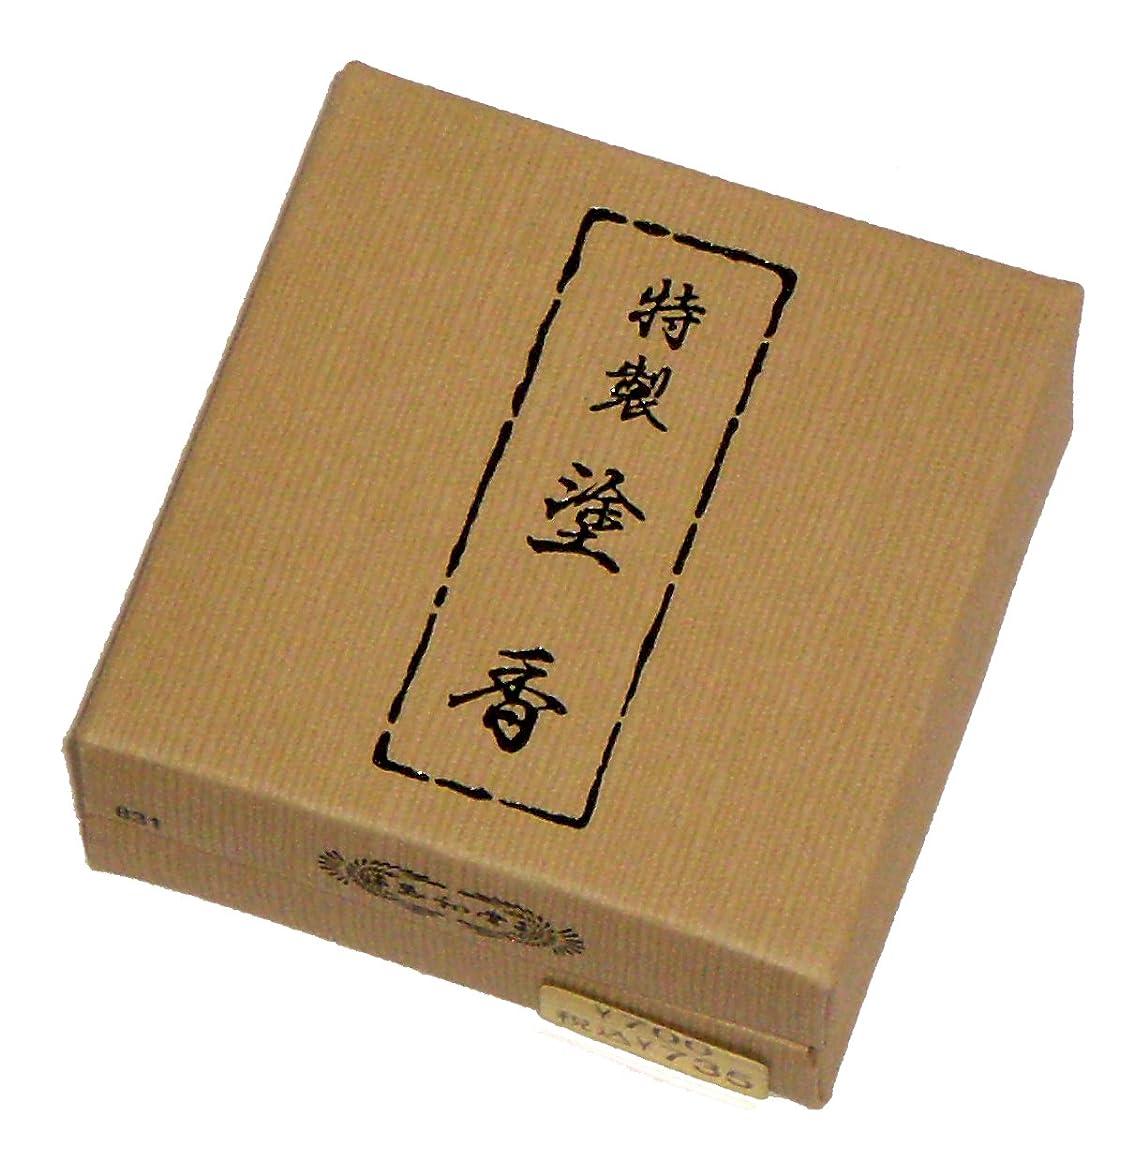 歌リーン星玉初堂のお香 特製塗香 15g 紙箱 #831